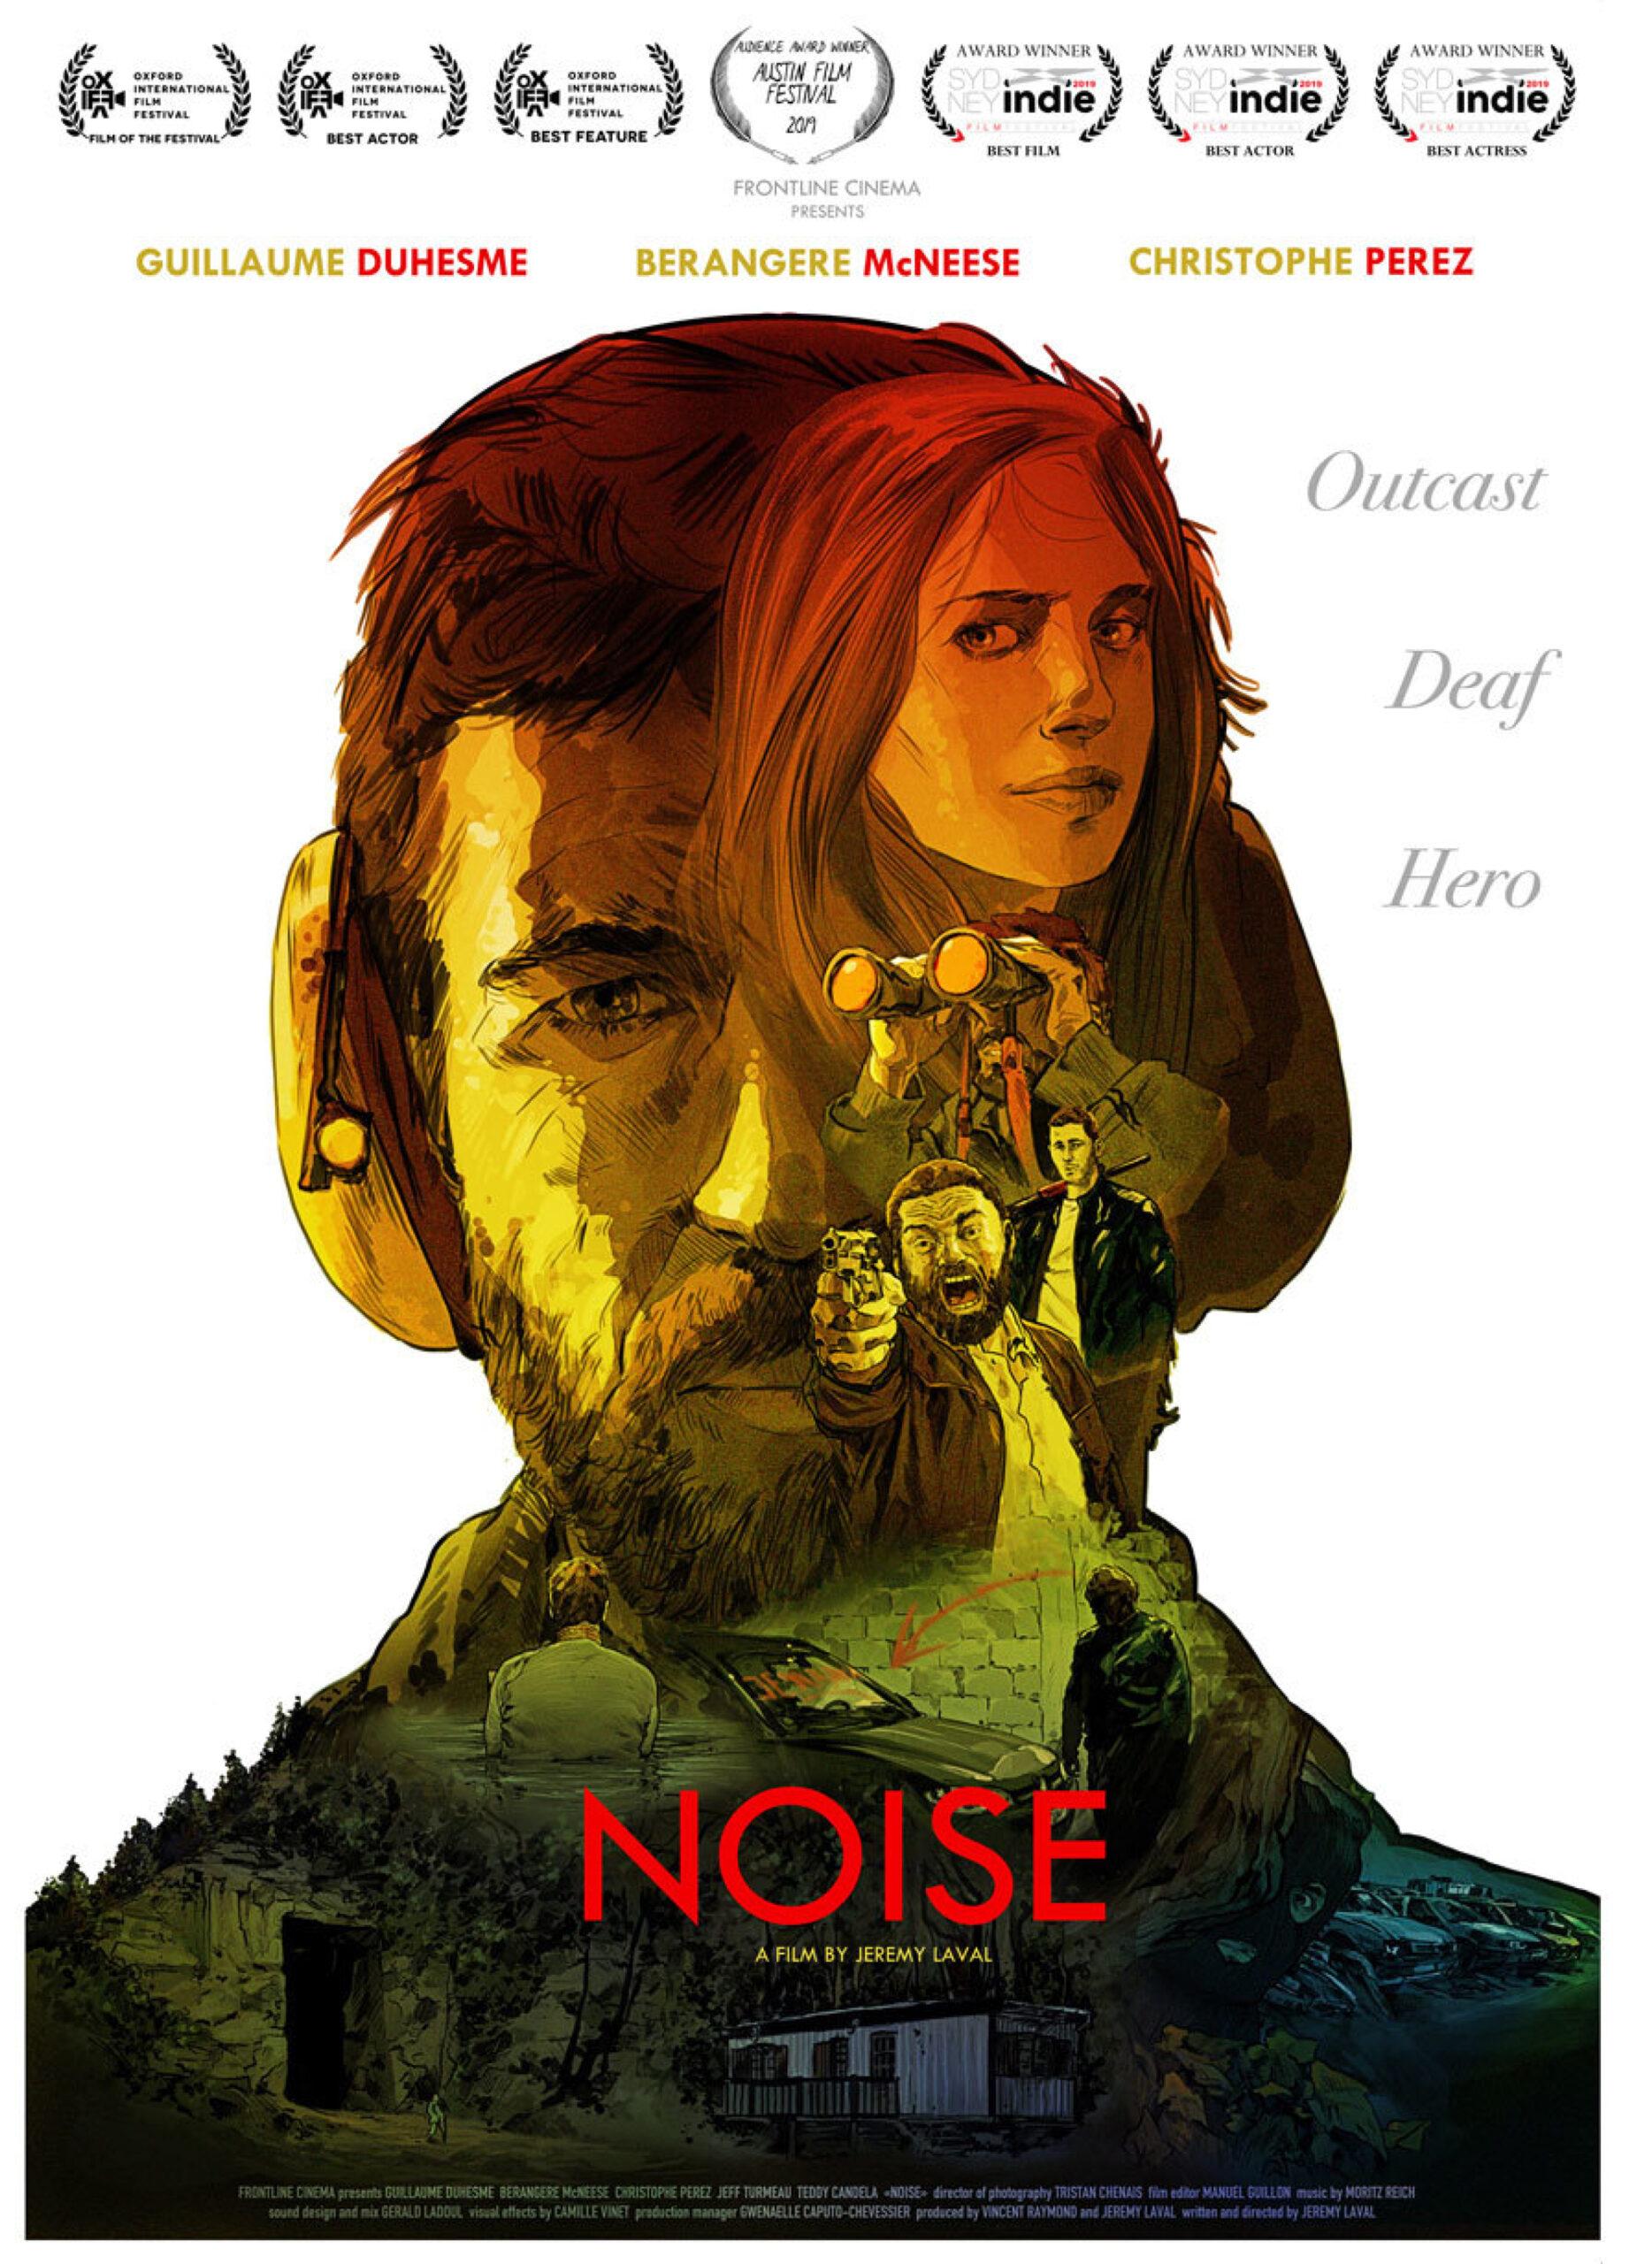 [OLTRE LO SPECCHIO 2] Noise di Jeremy Laval. La recensione